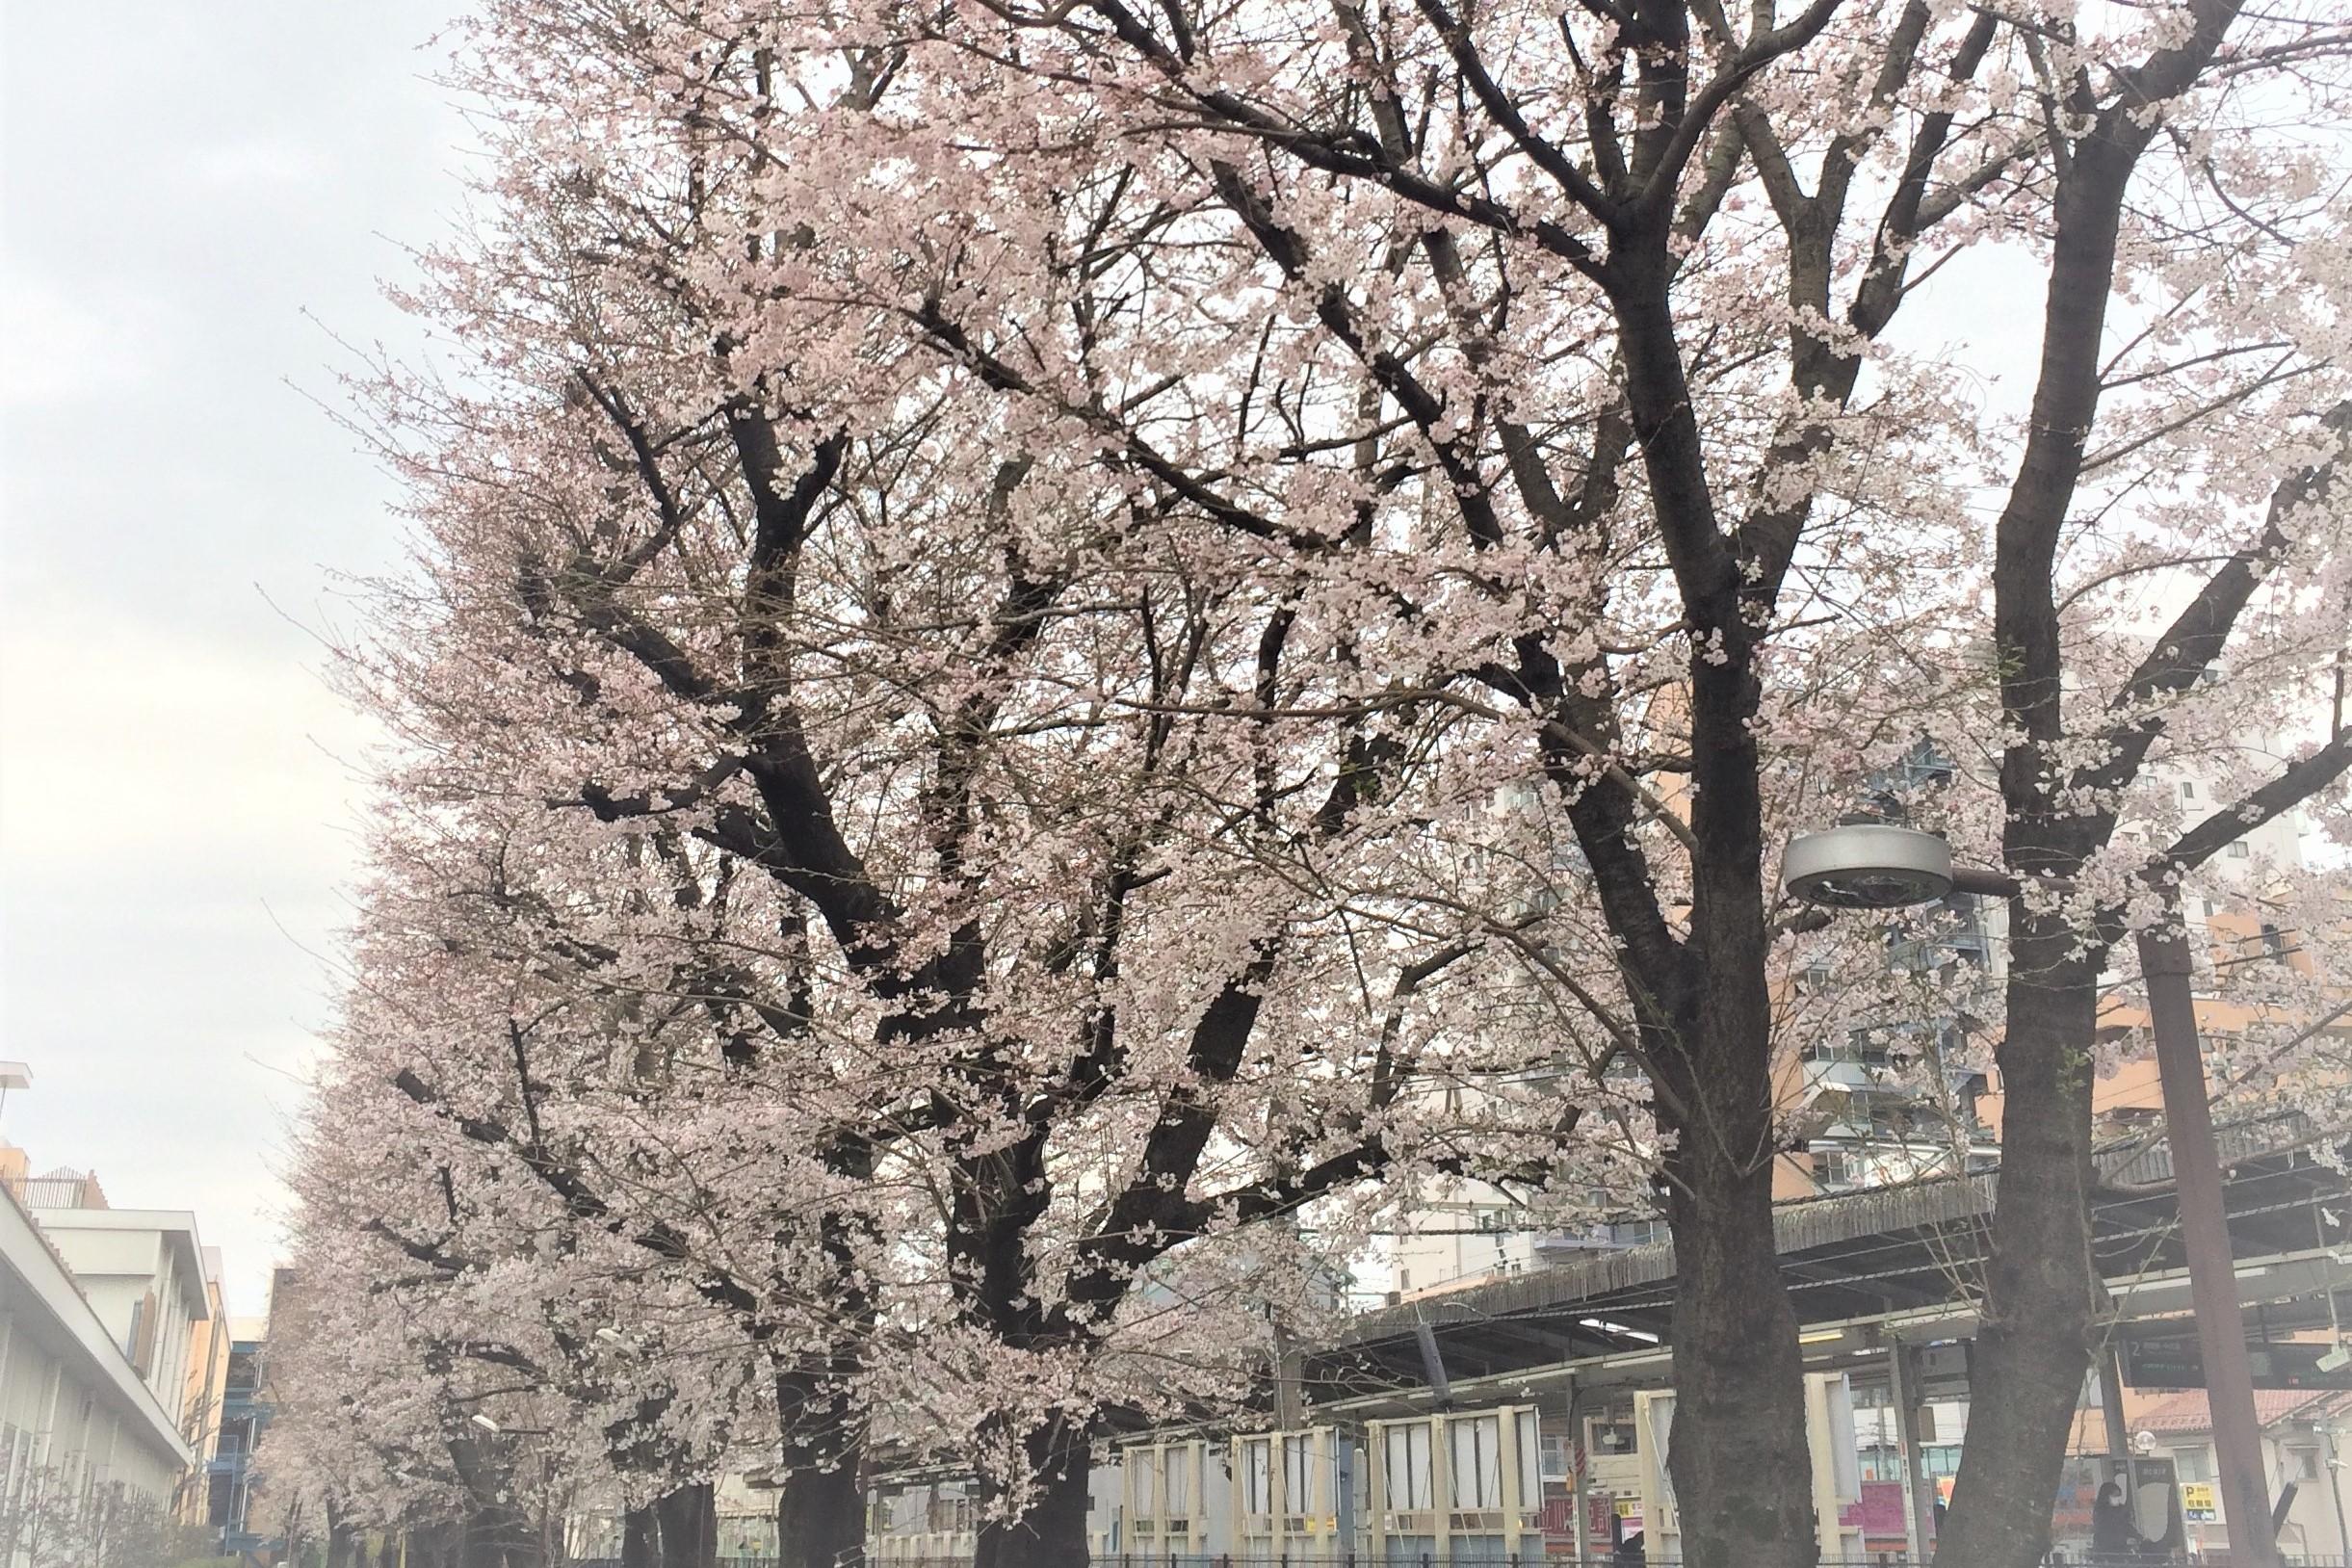 桜の季節に、オススメのサクラ色のバイク